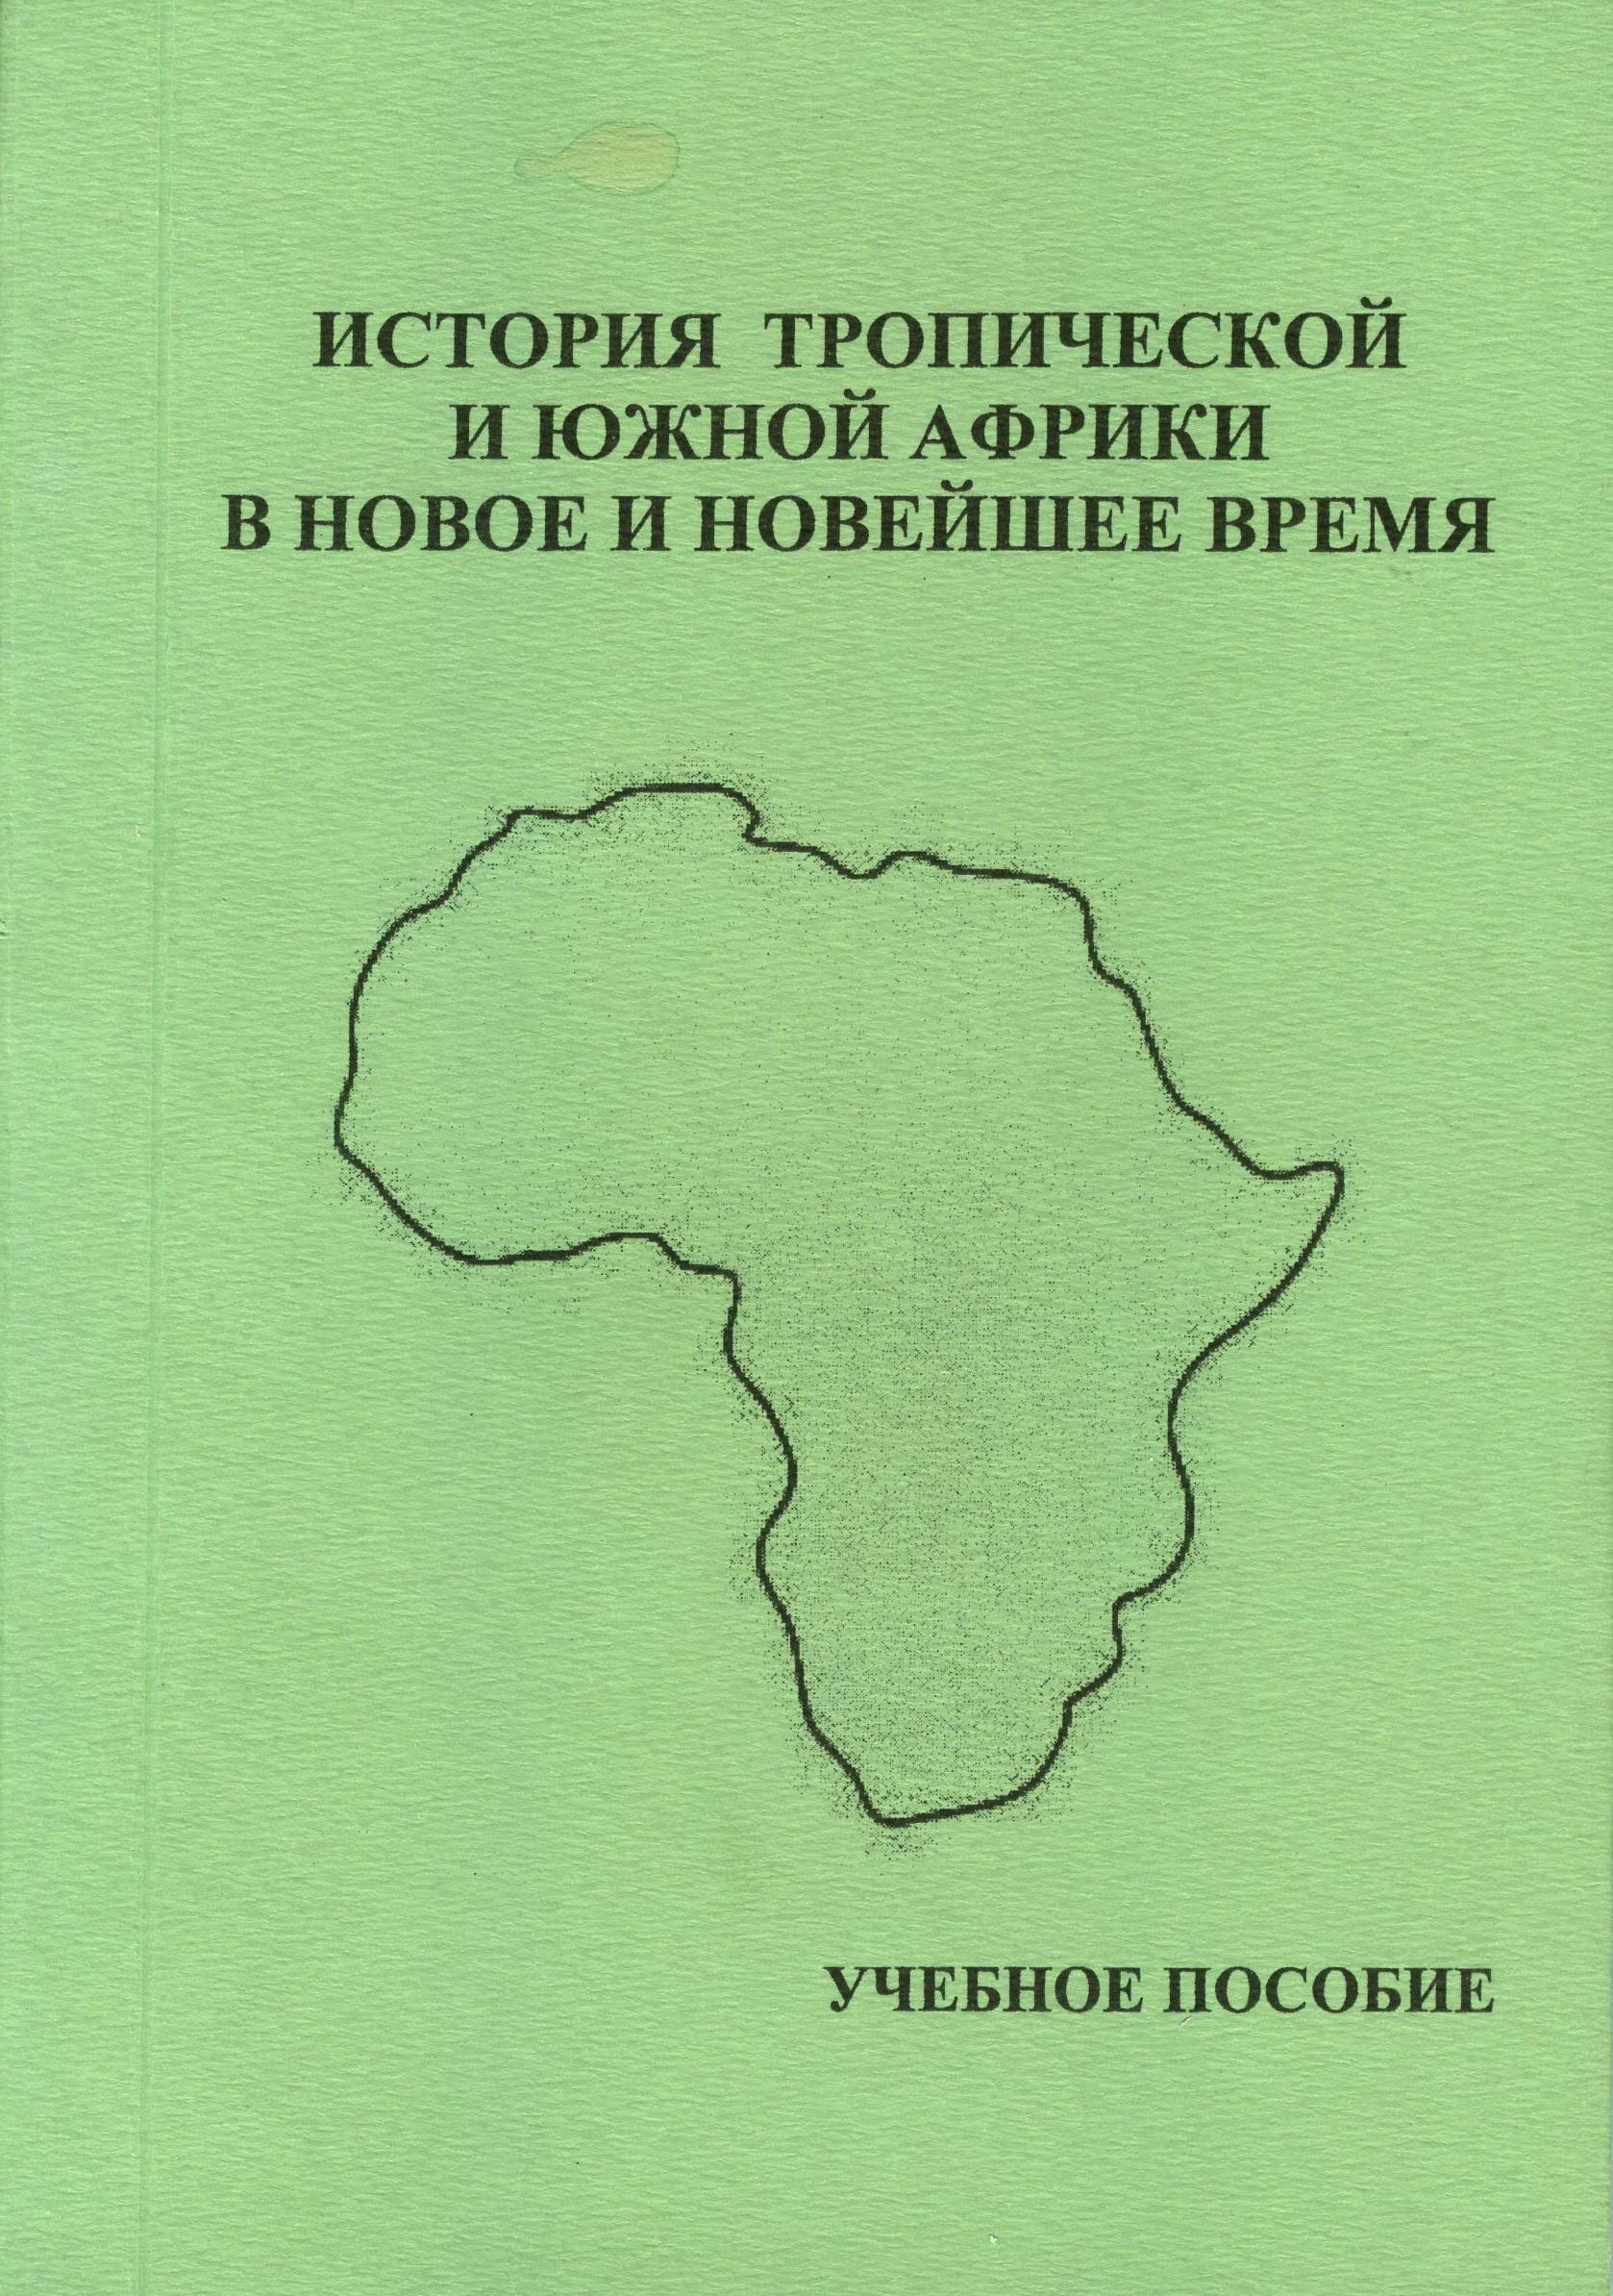 История Тропической и Южной Африки в новое и новейшее время